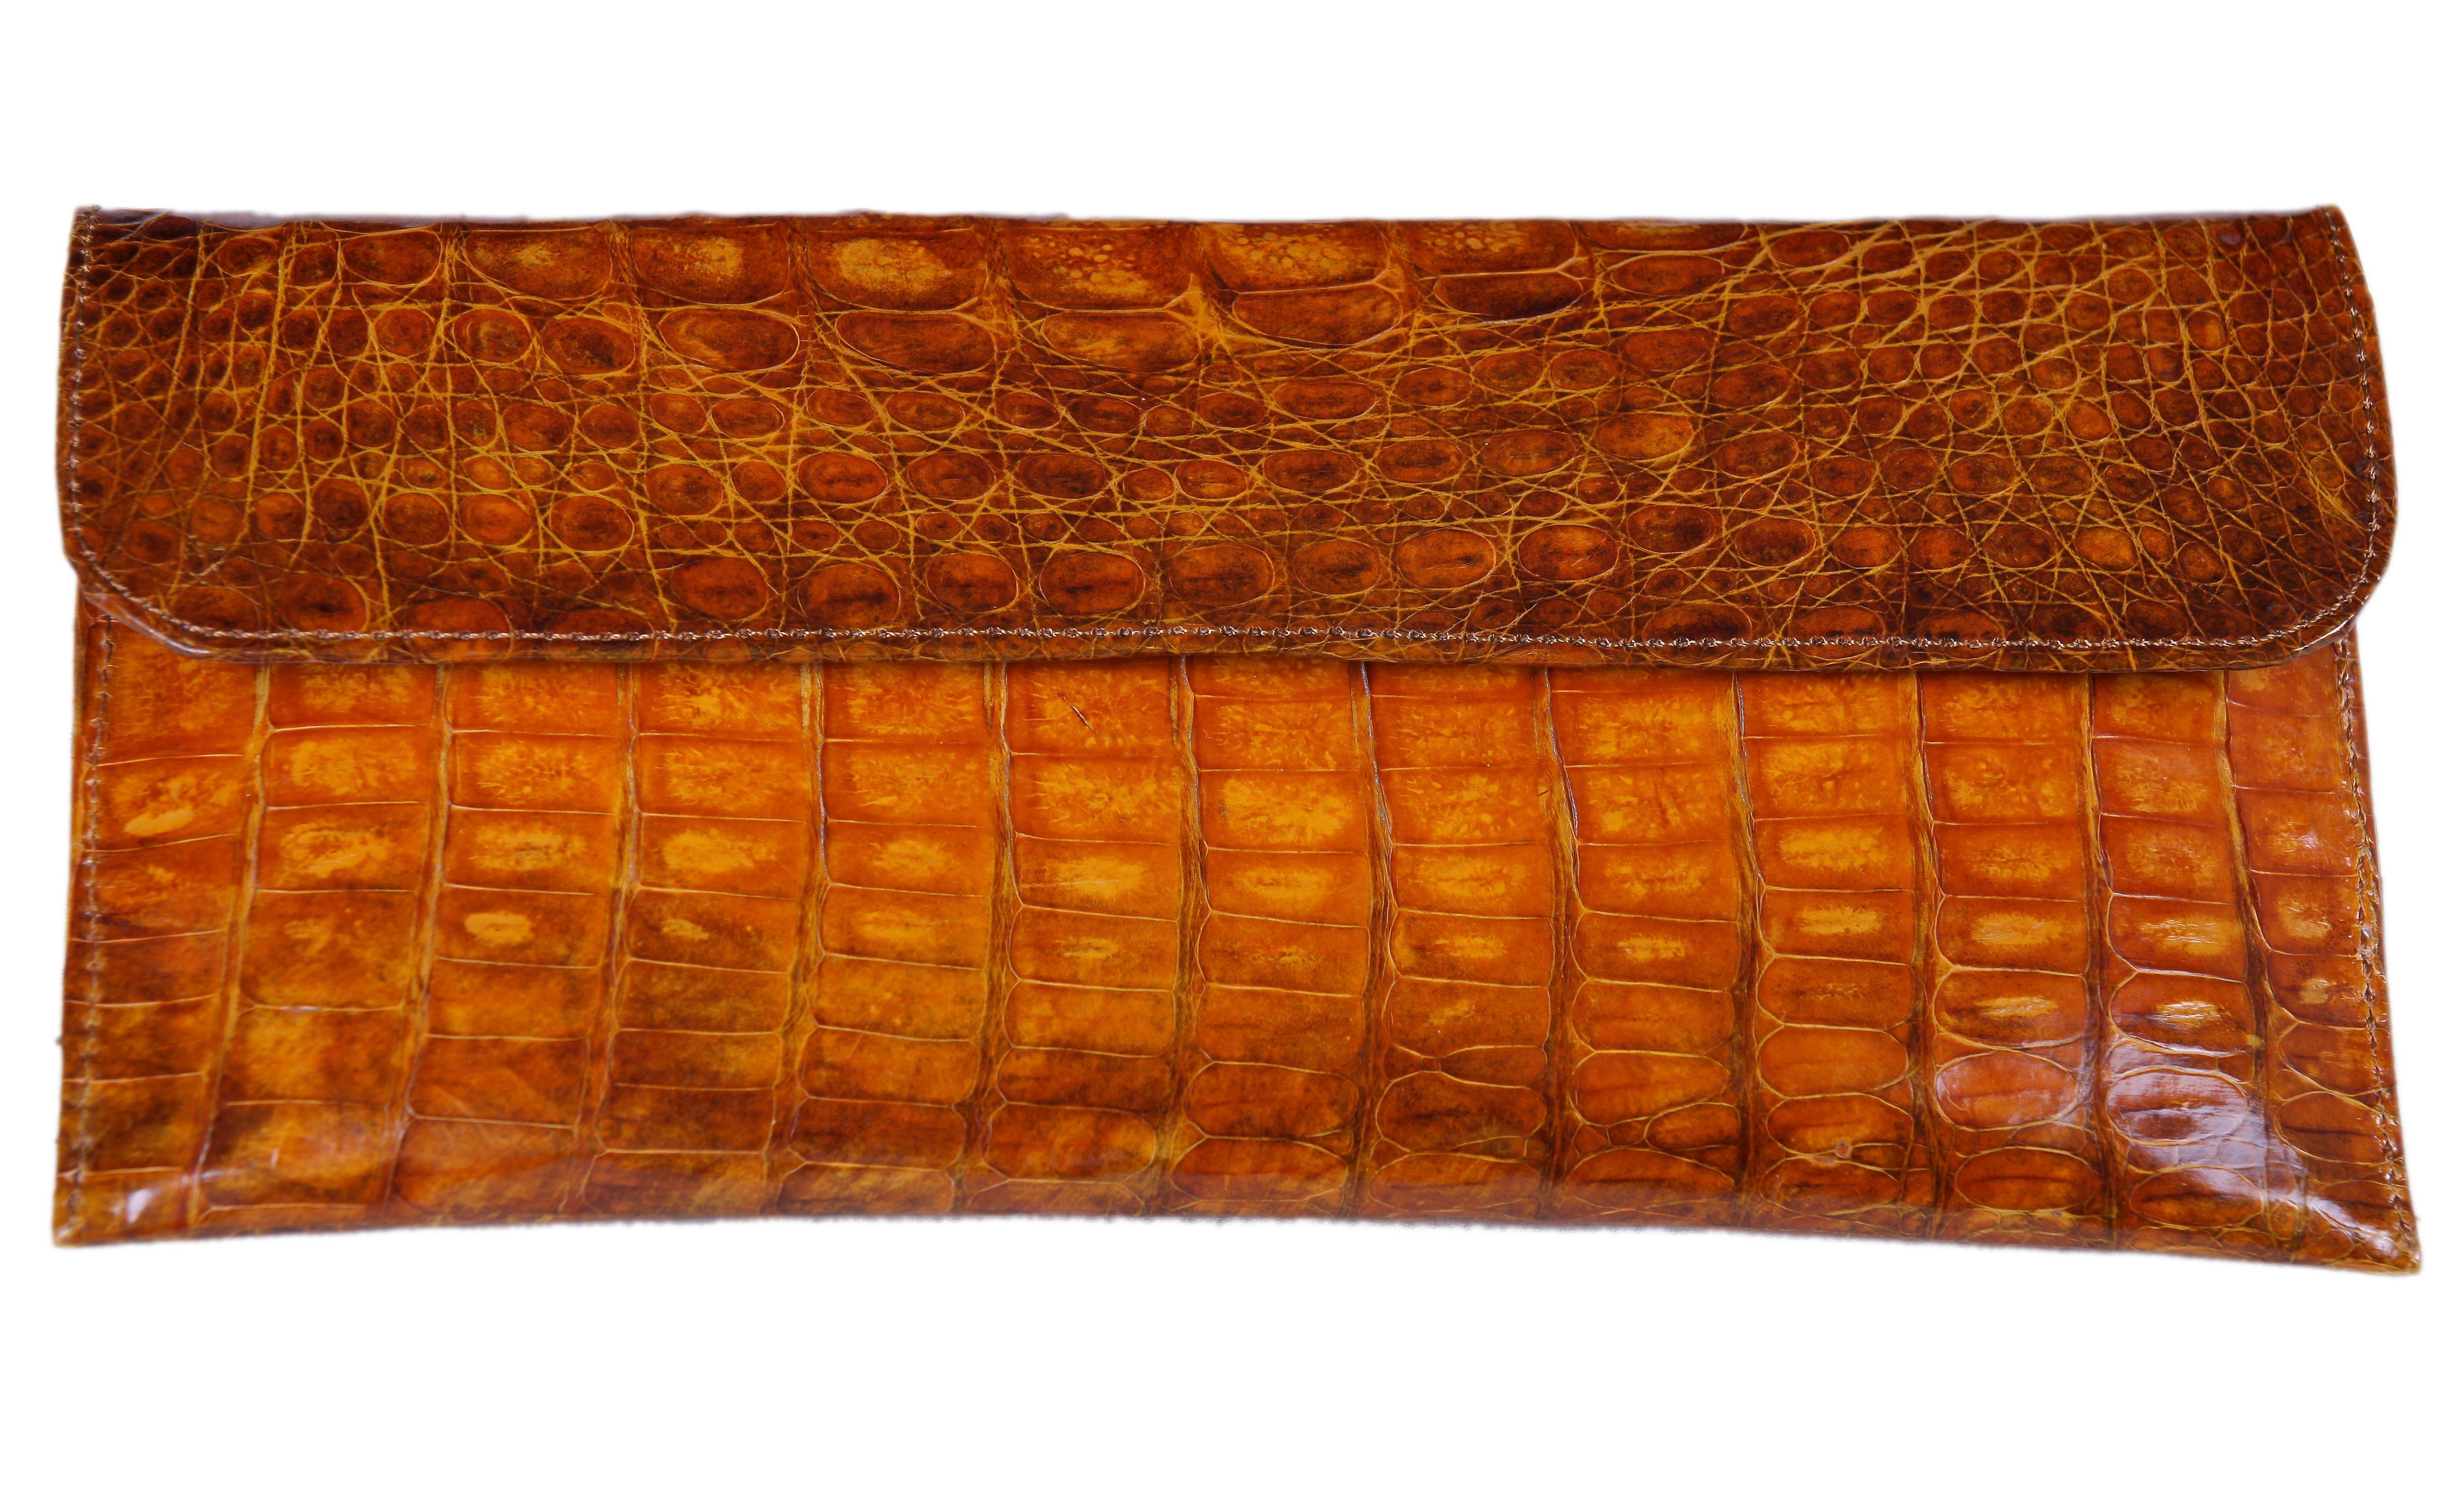 fff6d2f27bb Cartera de mano en piel de cocodrilo en color caramelo. Cierre en solapa  con click metalico. Precio 210